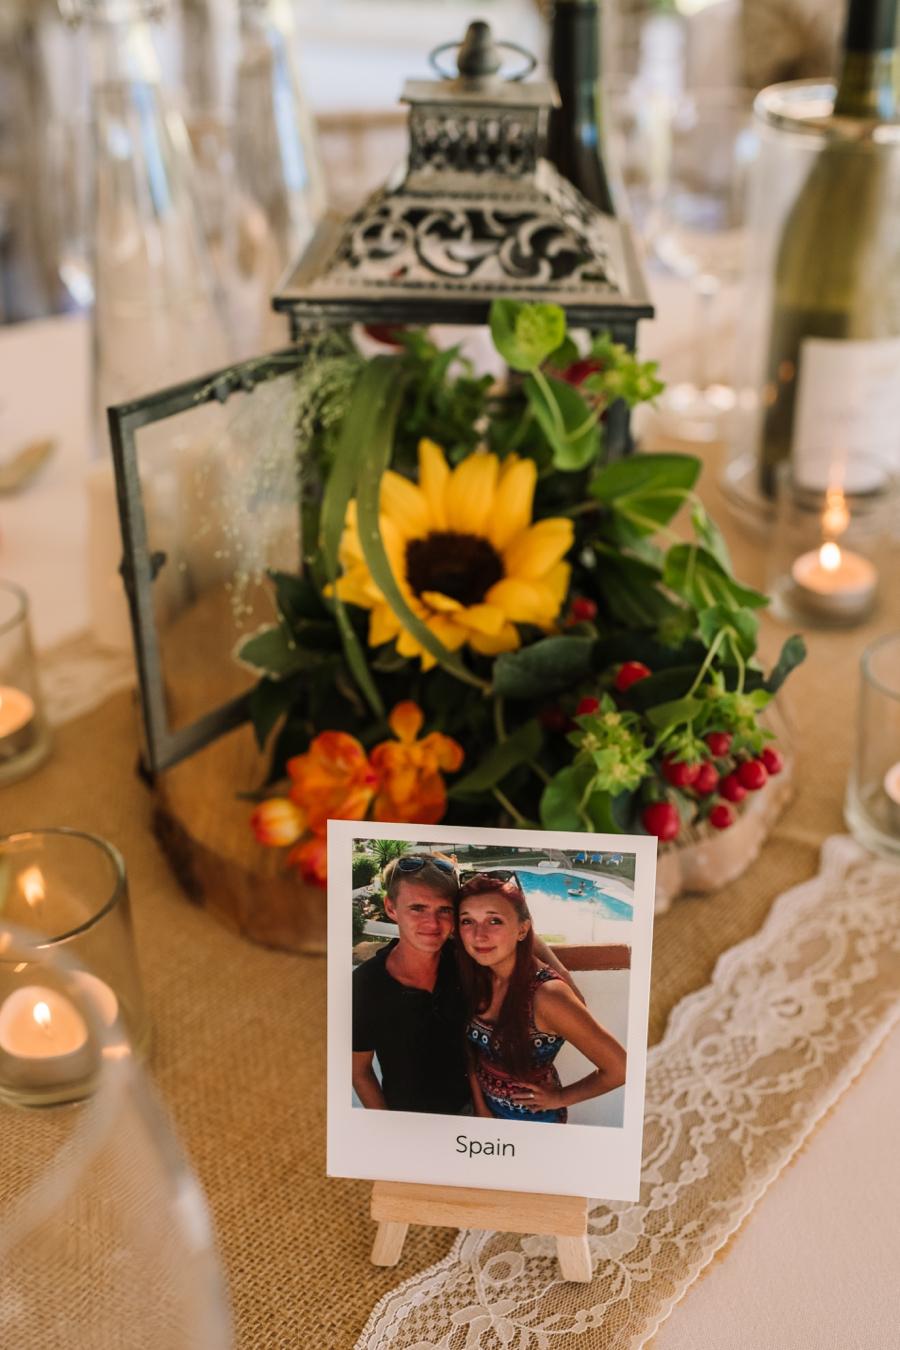 Parley Manor wedding photography by Rachel Elizabeth on English Wedding (3)